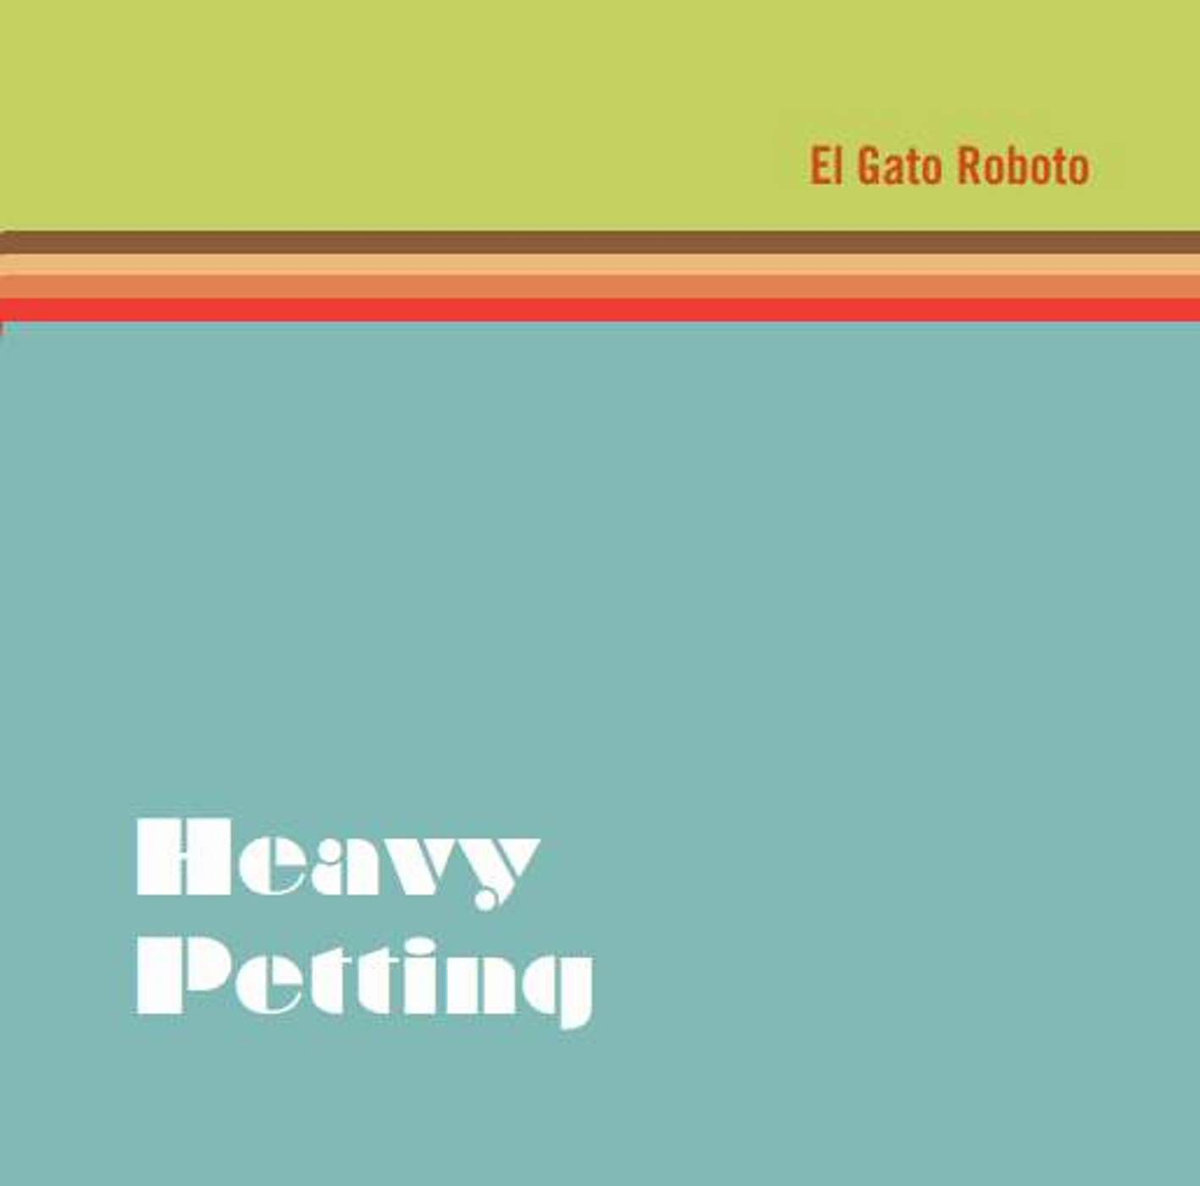 El Gato Roboto Heavy Petting